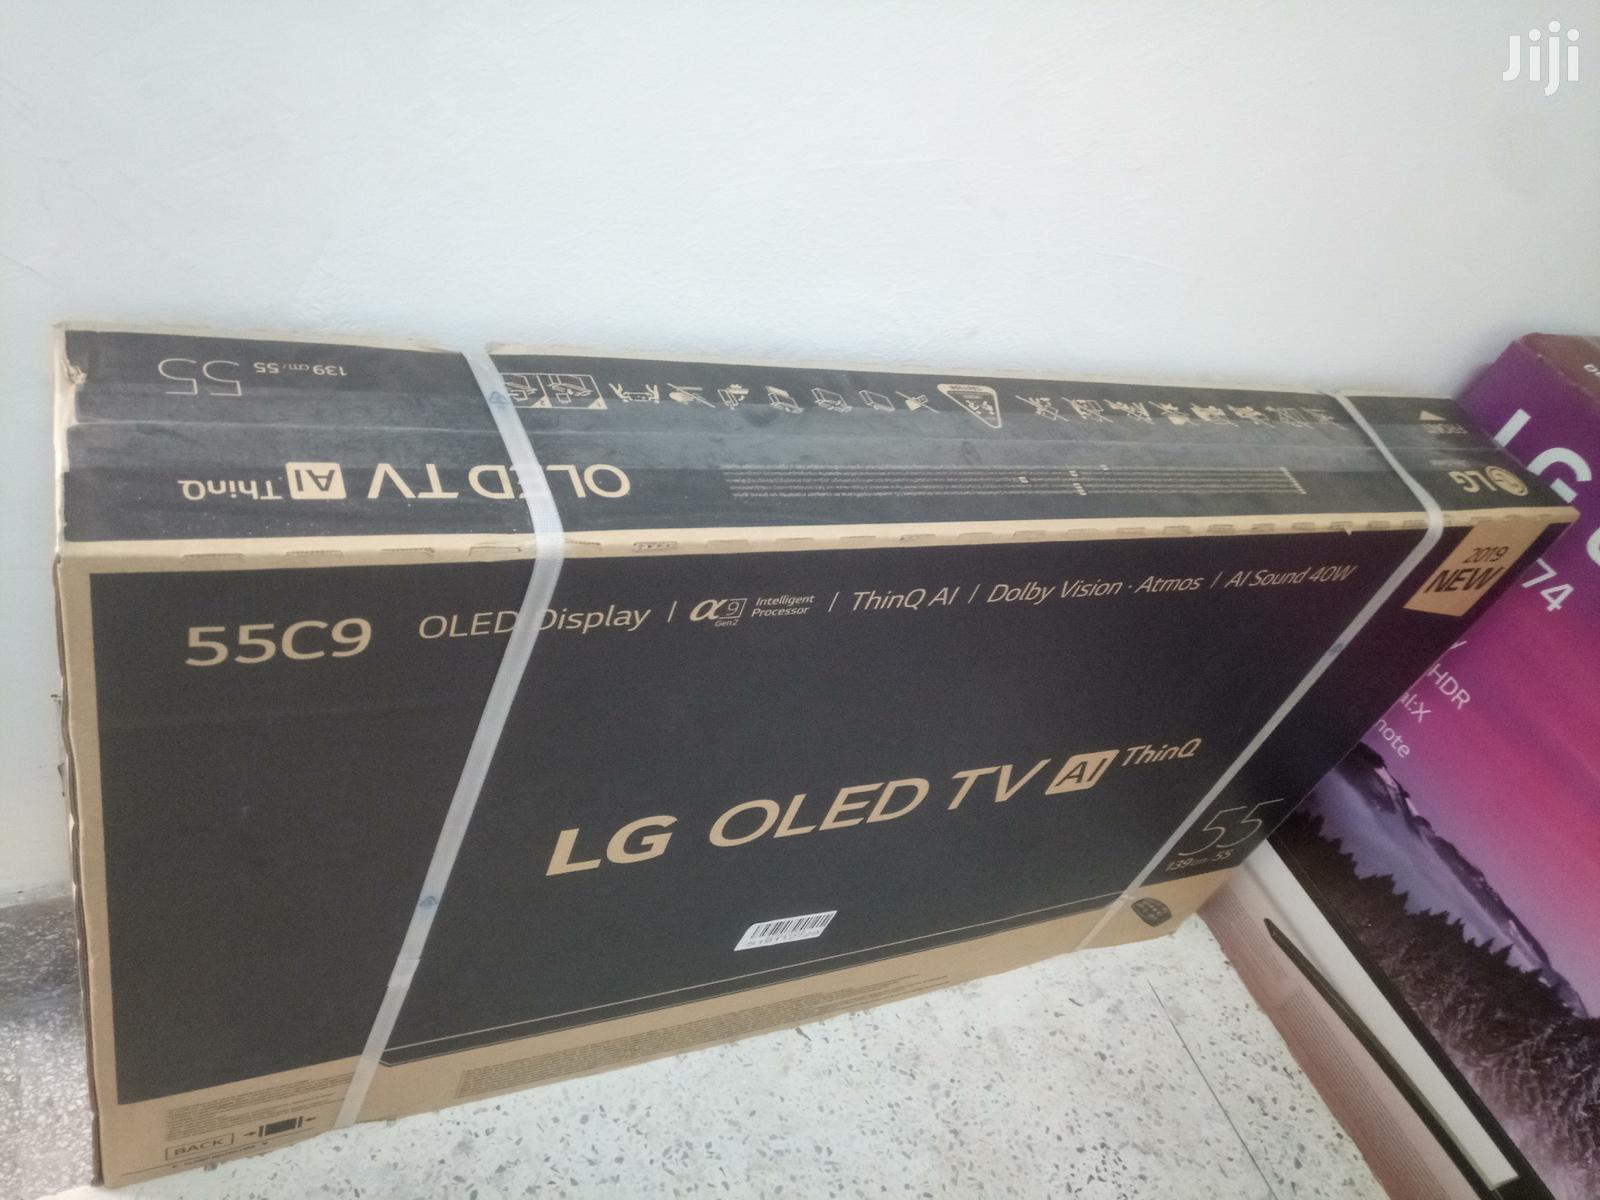 LG LED Oled C9 TV 55 Inches